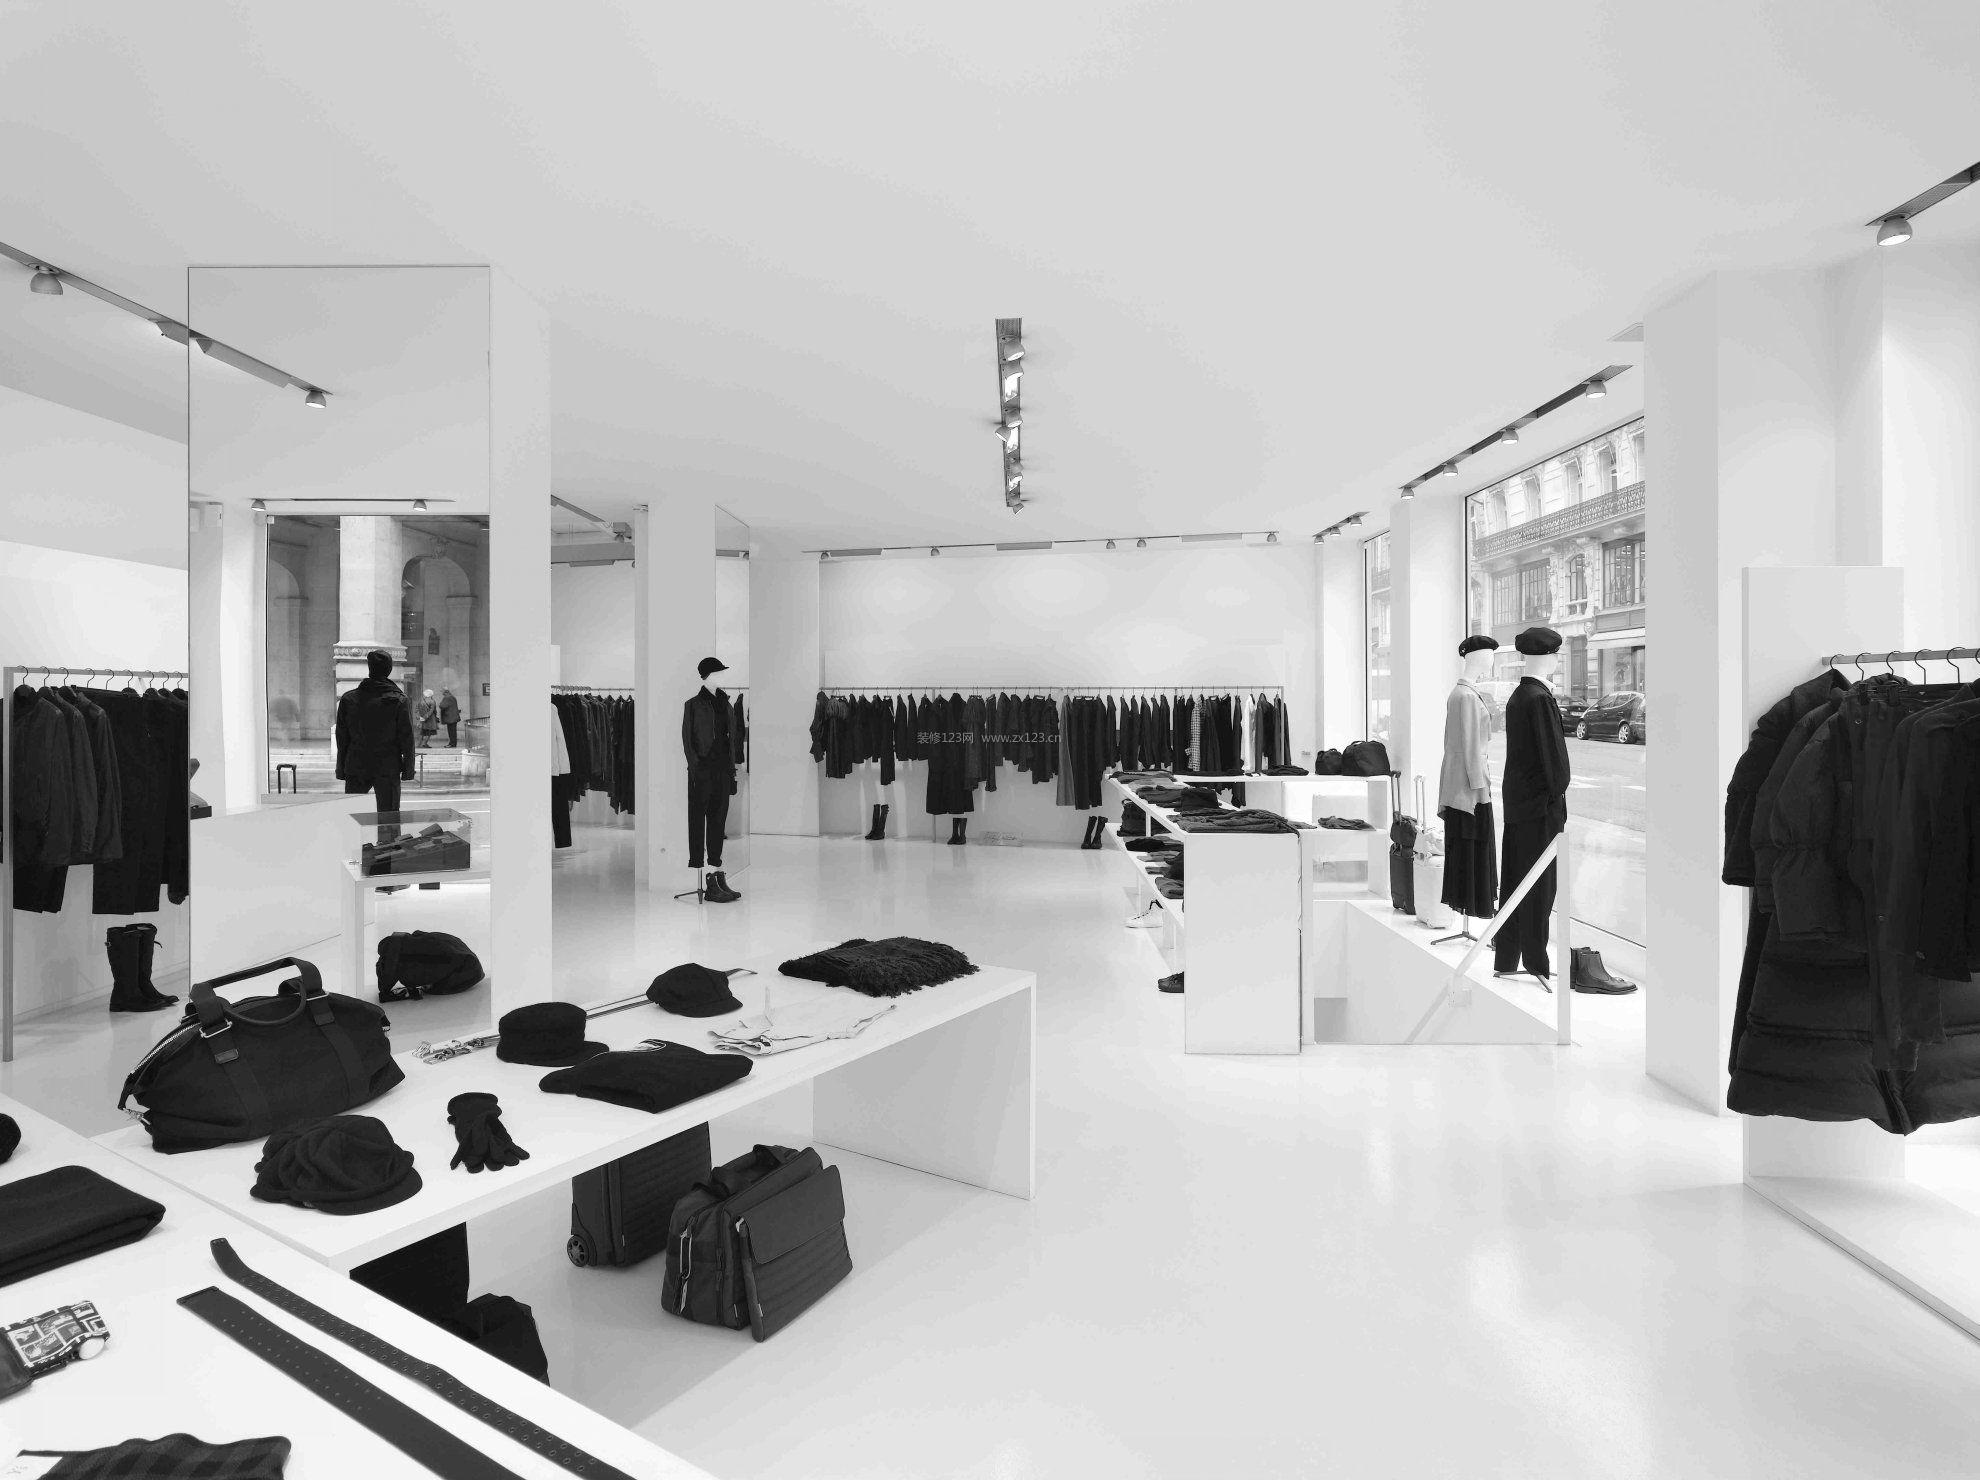 黑白现代简约服装店装修货架效果图